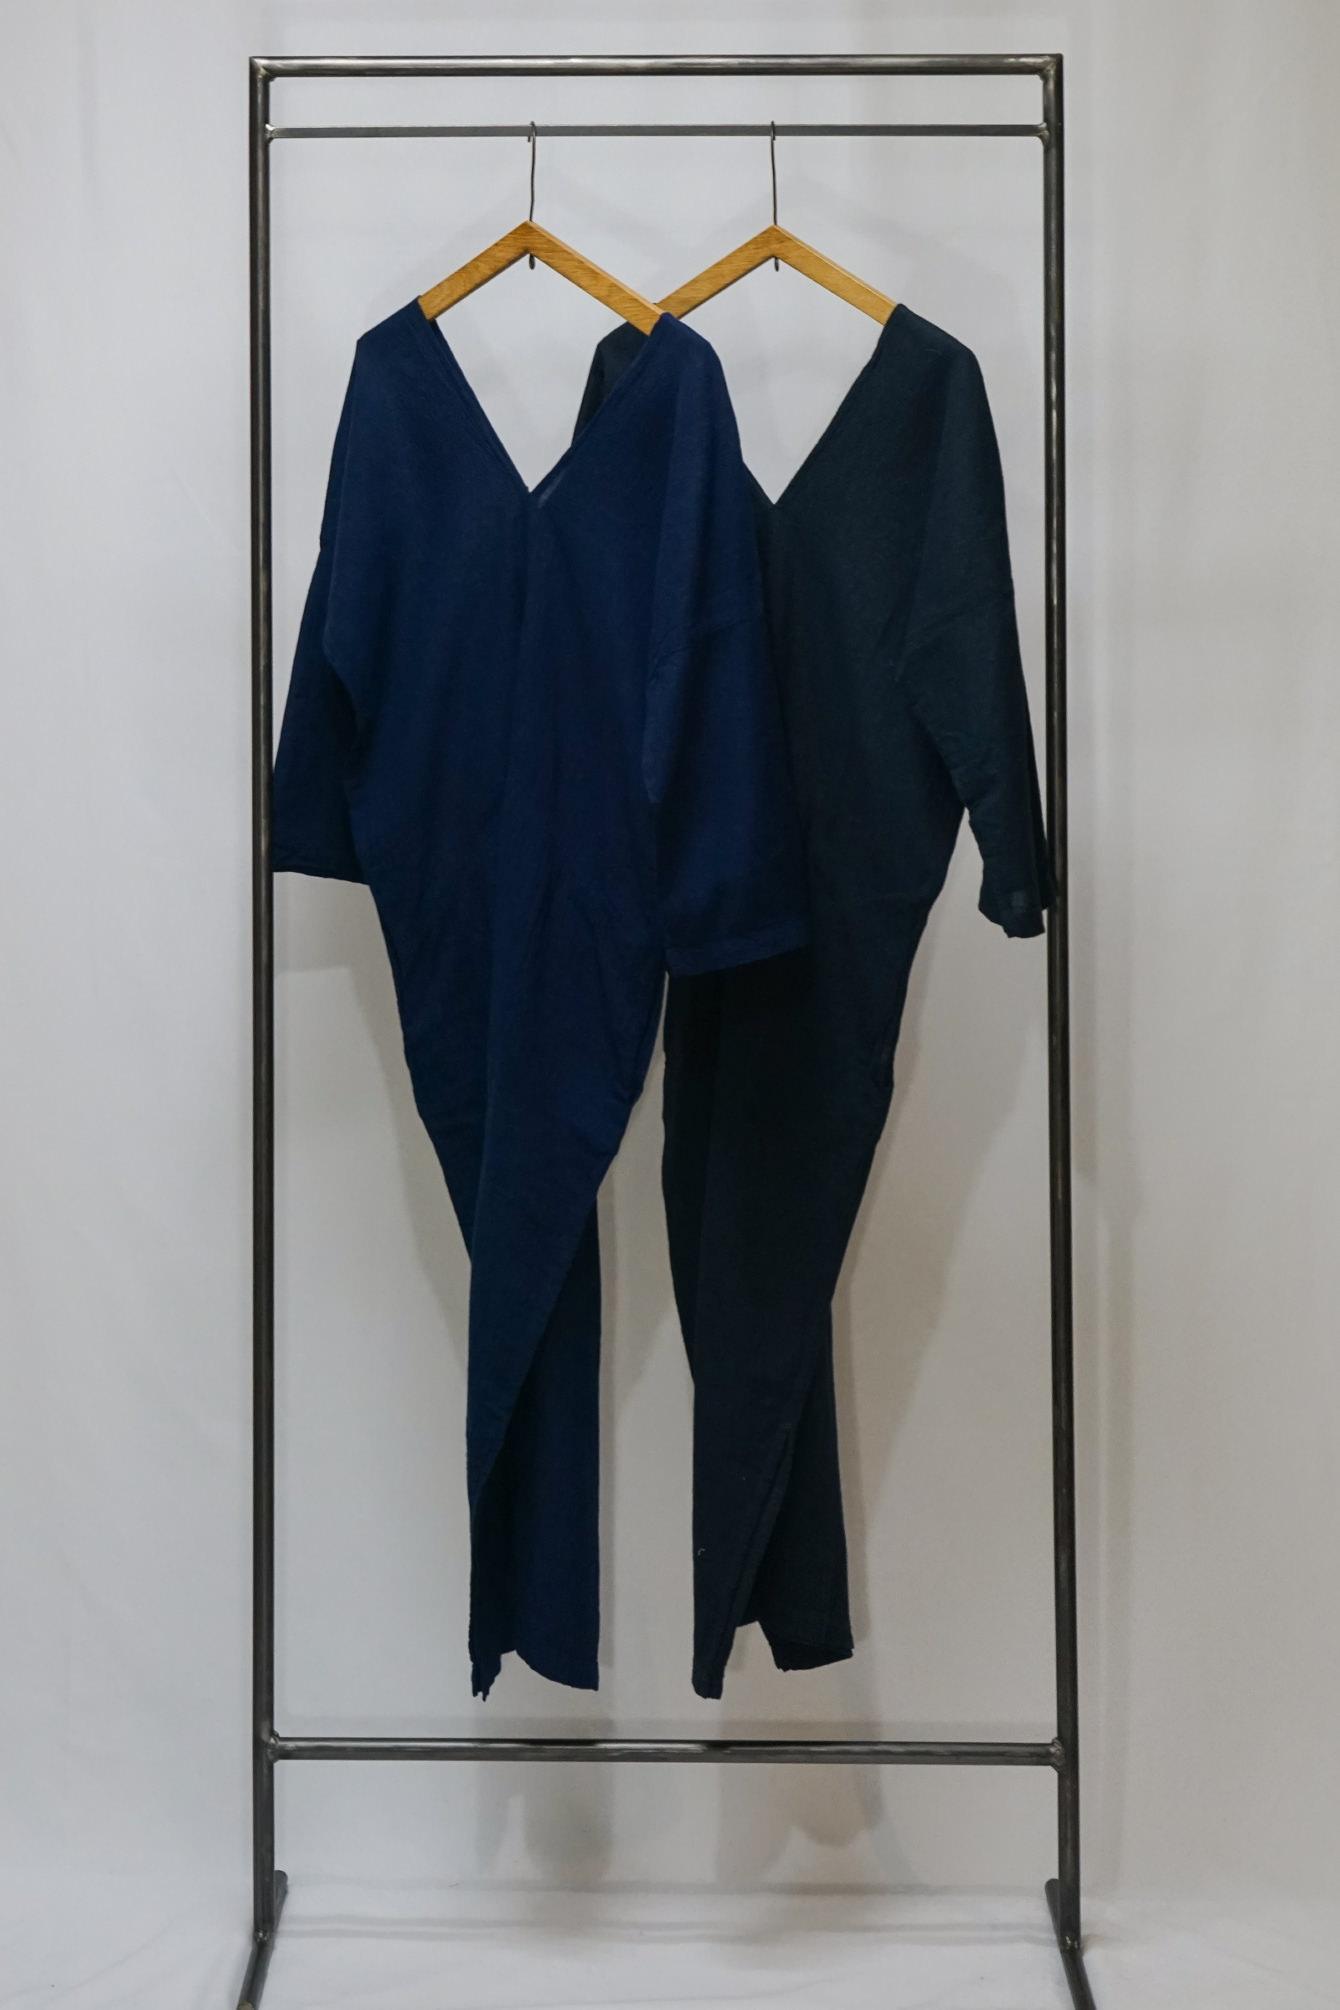 left) 群青(LAPIS) ,right)紺(NAVY)